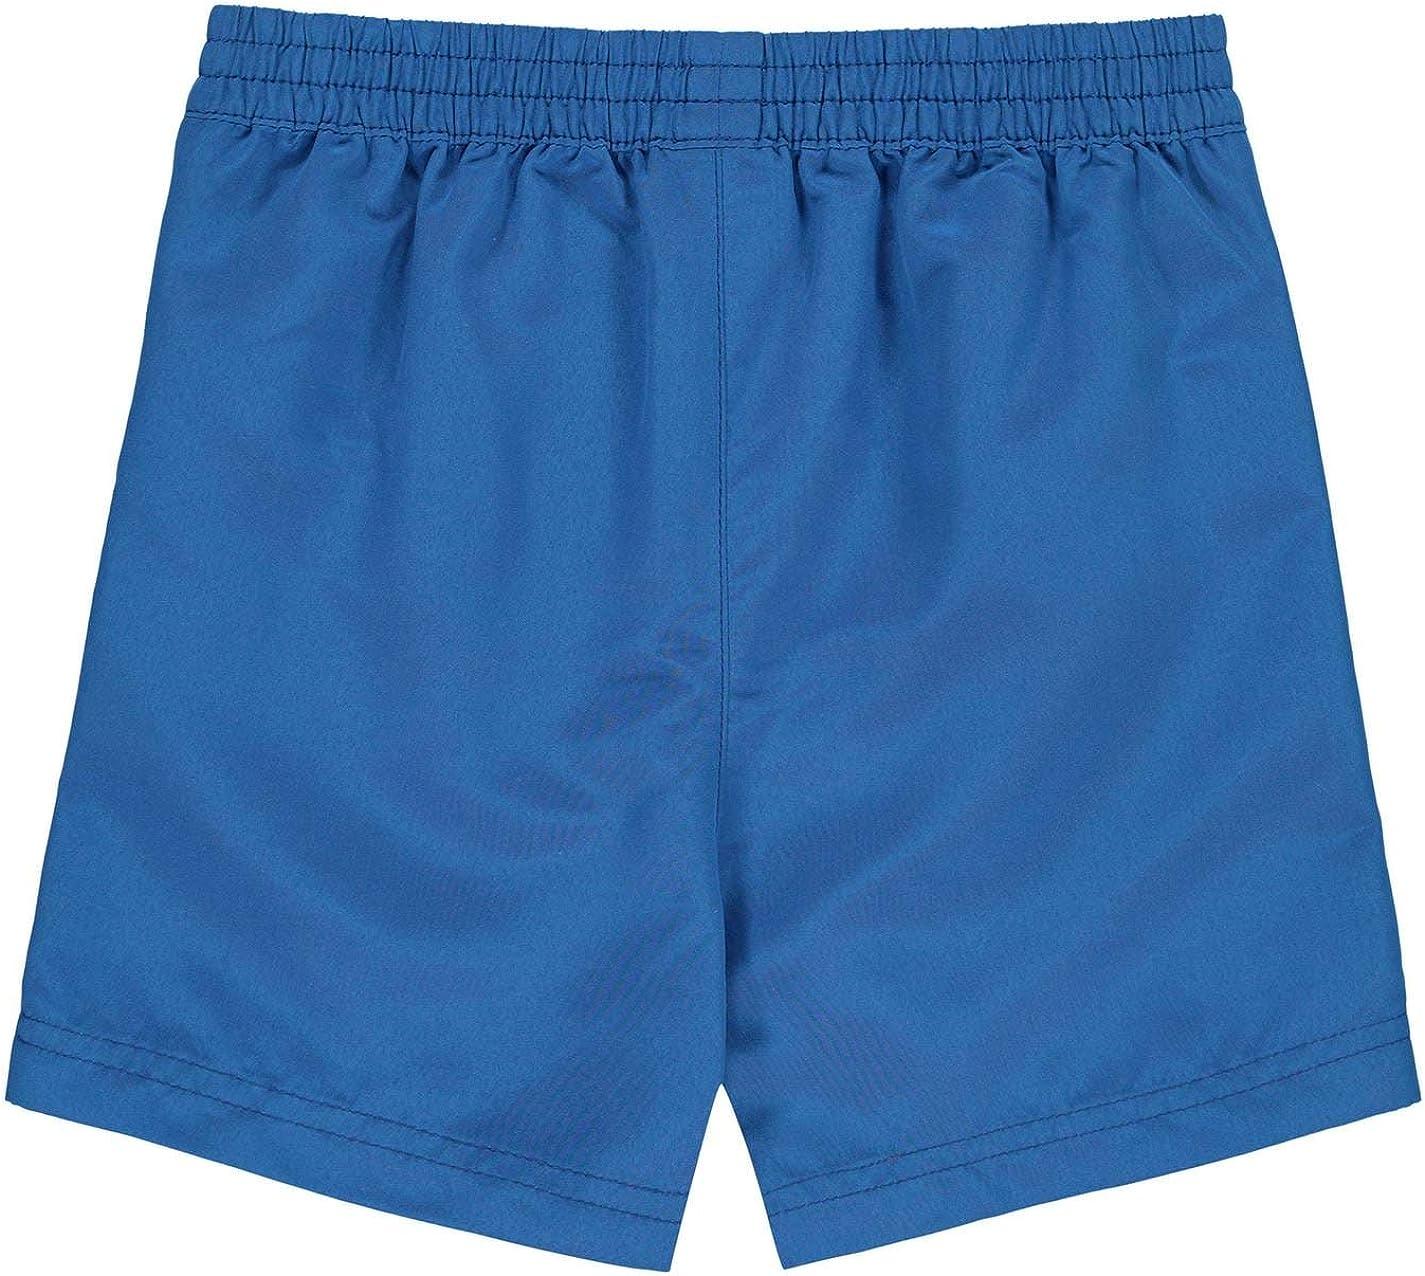 Slazenger Boys Infant Shorts